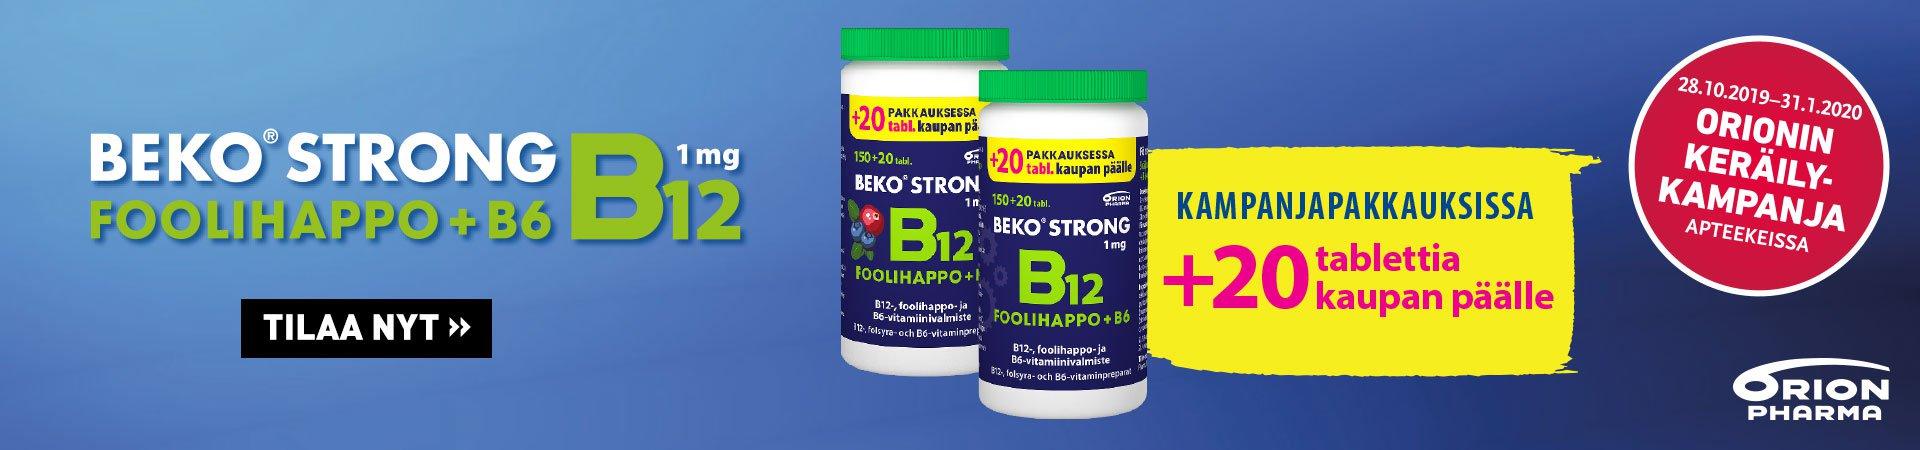 Beko Strong B12 +foolihappo 20 tabl. kaupan päälle marraskuussa